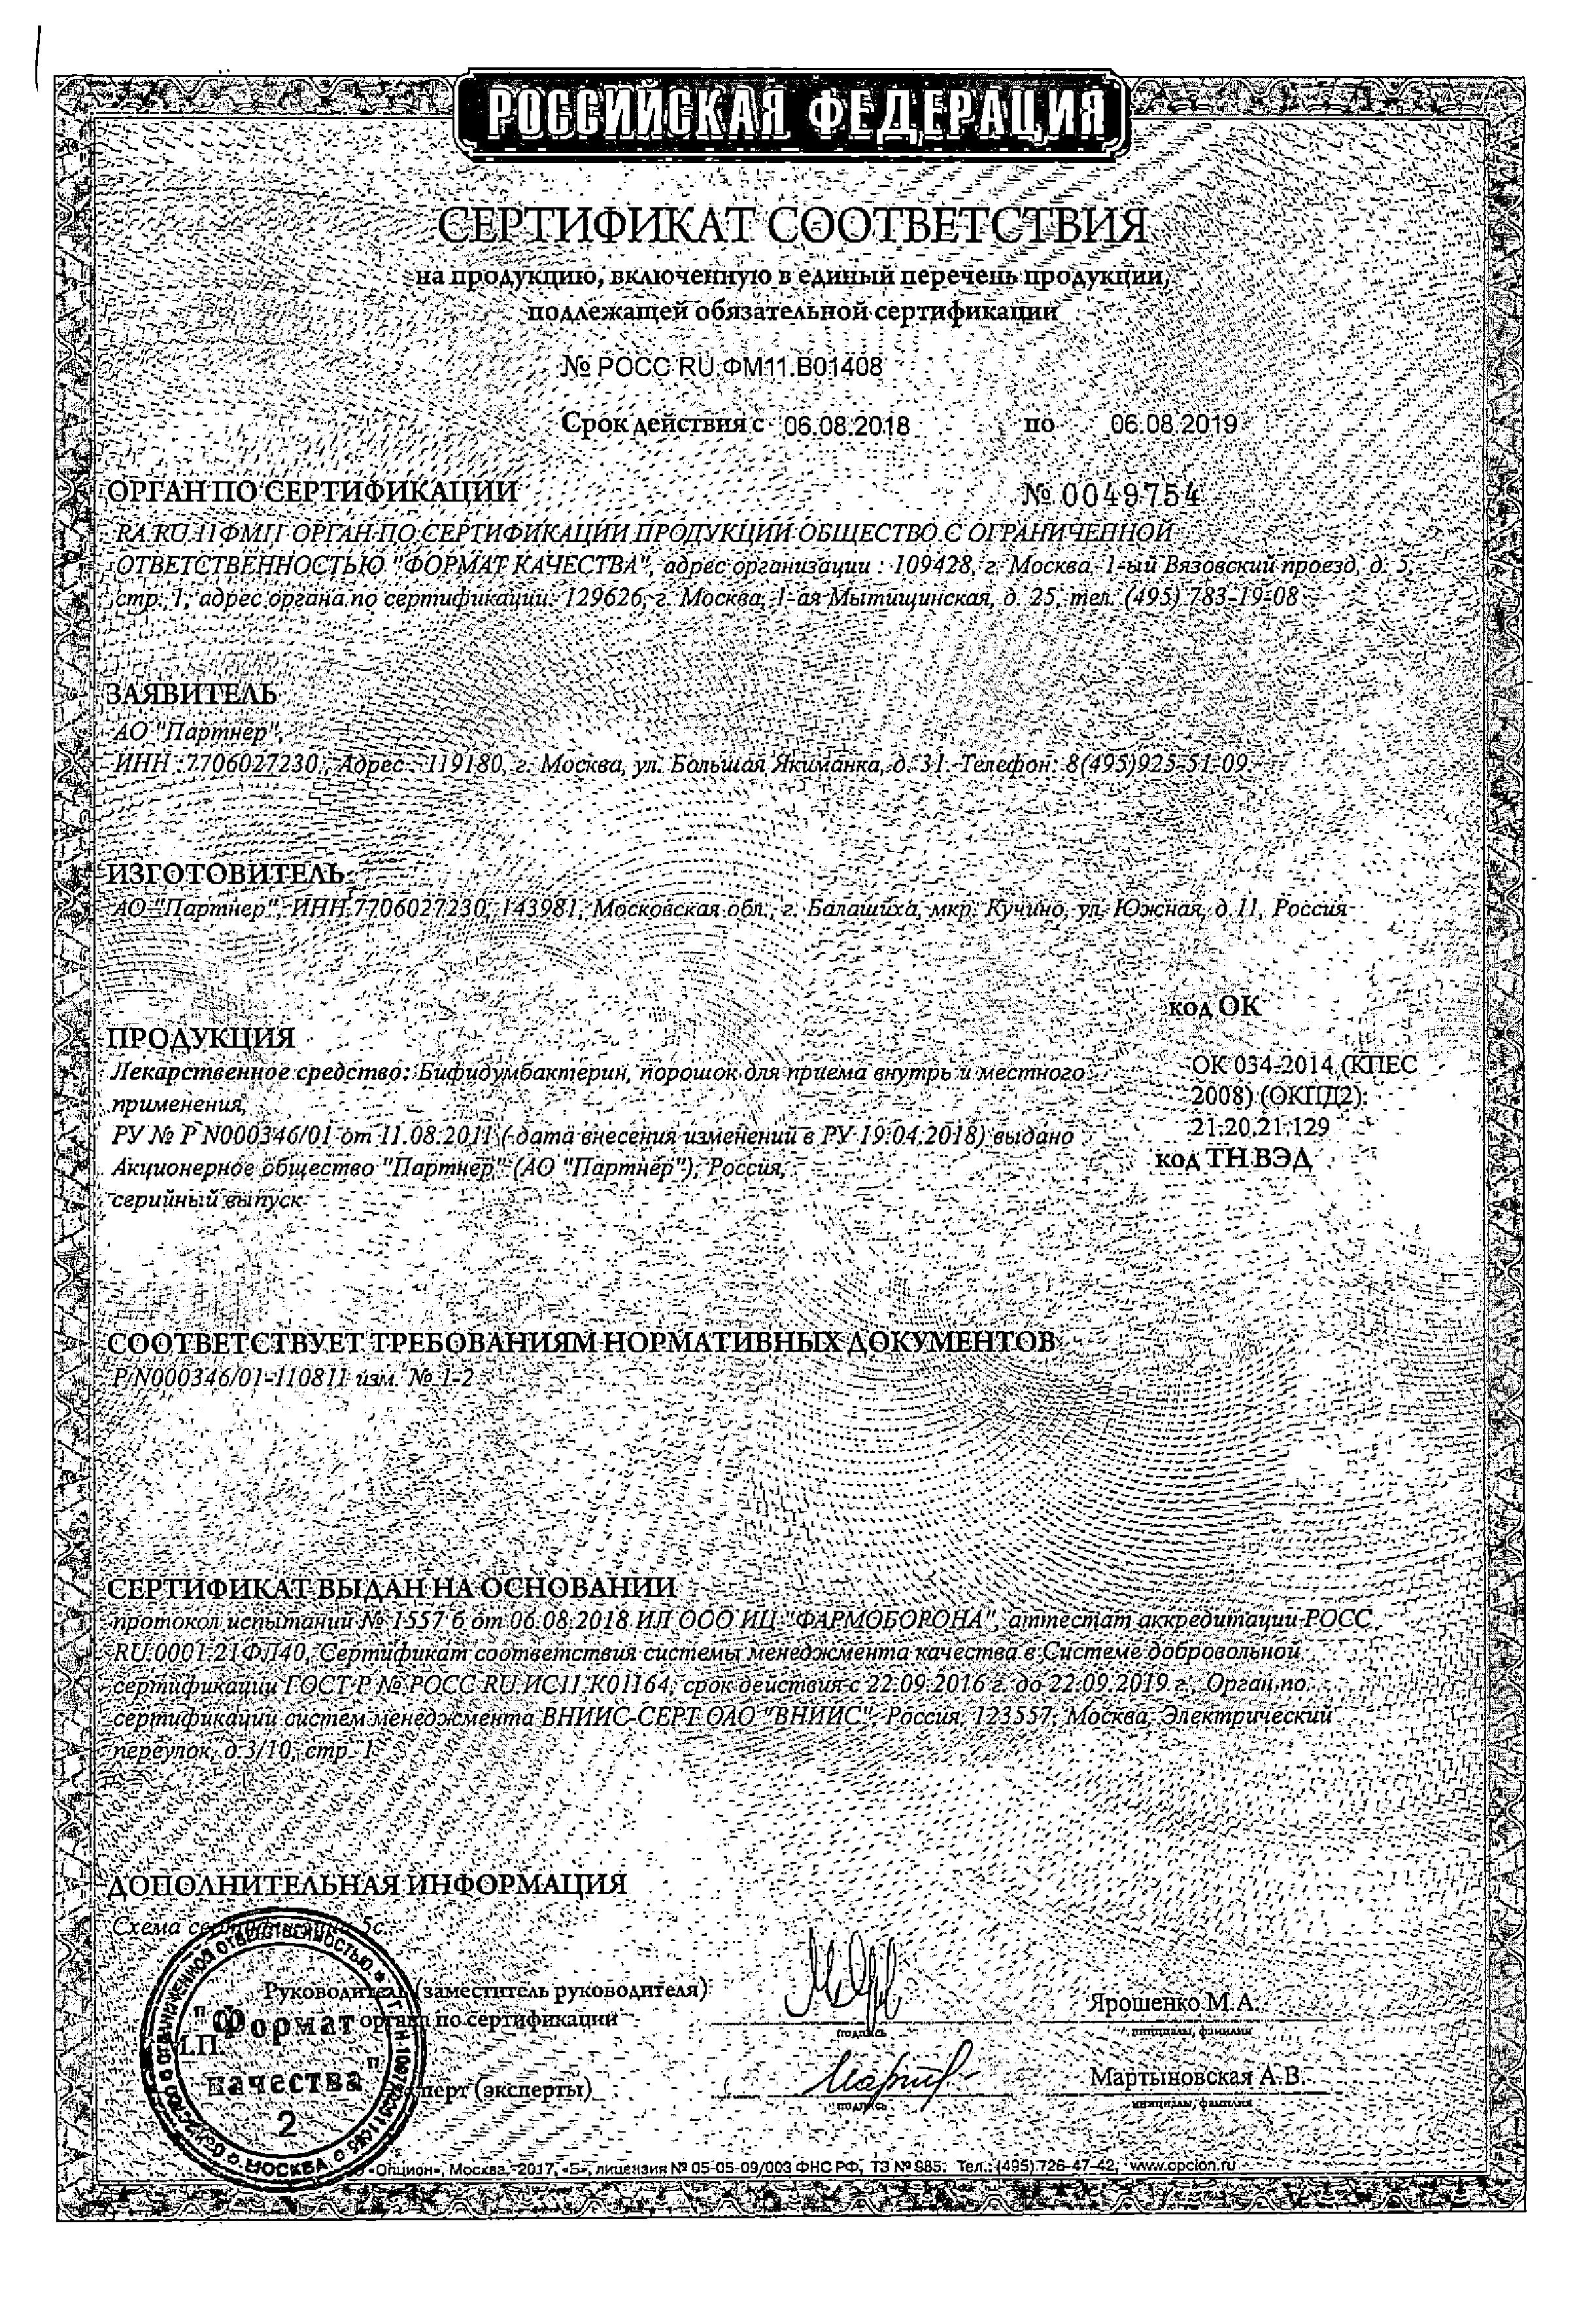 Бифидумбактерин сертификат